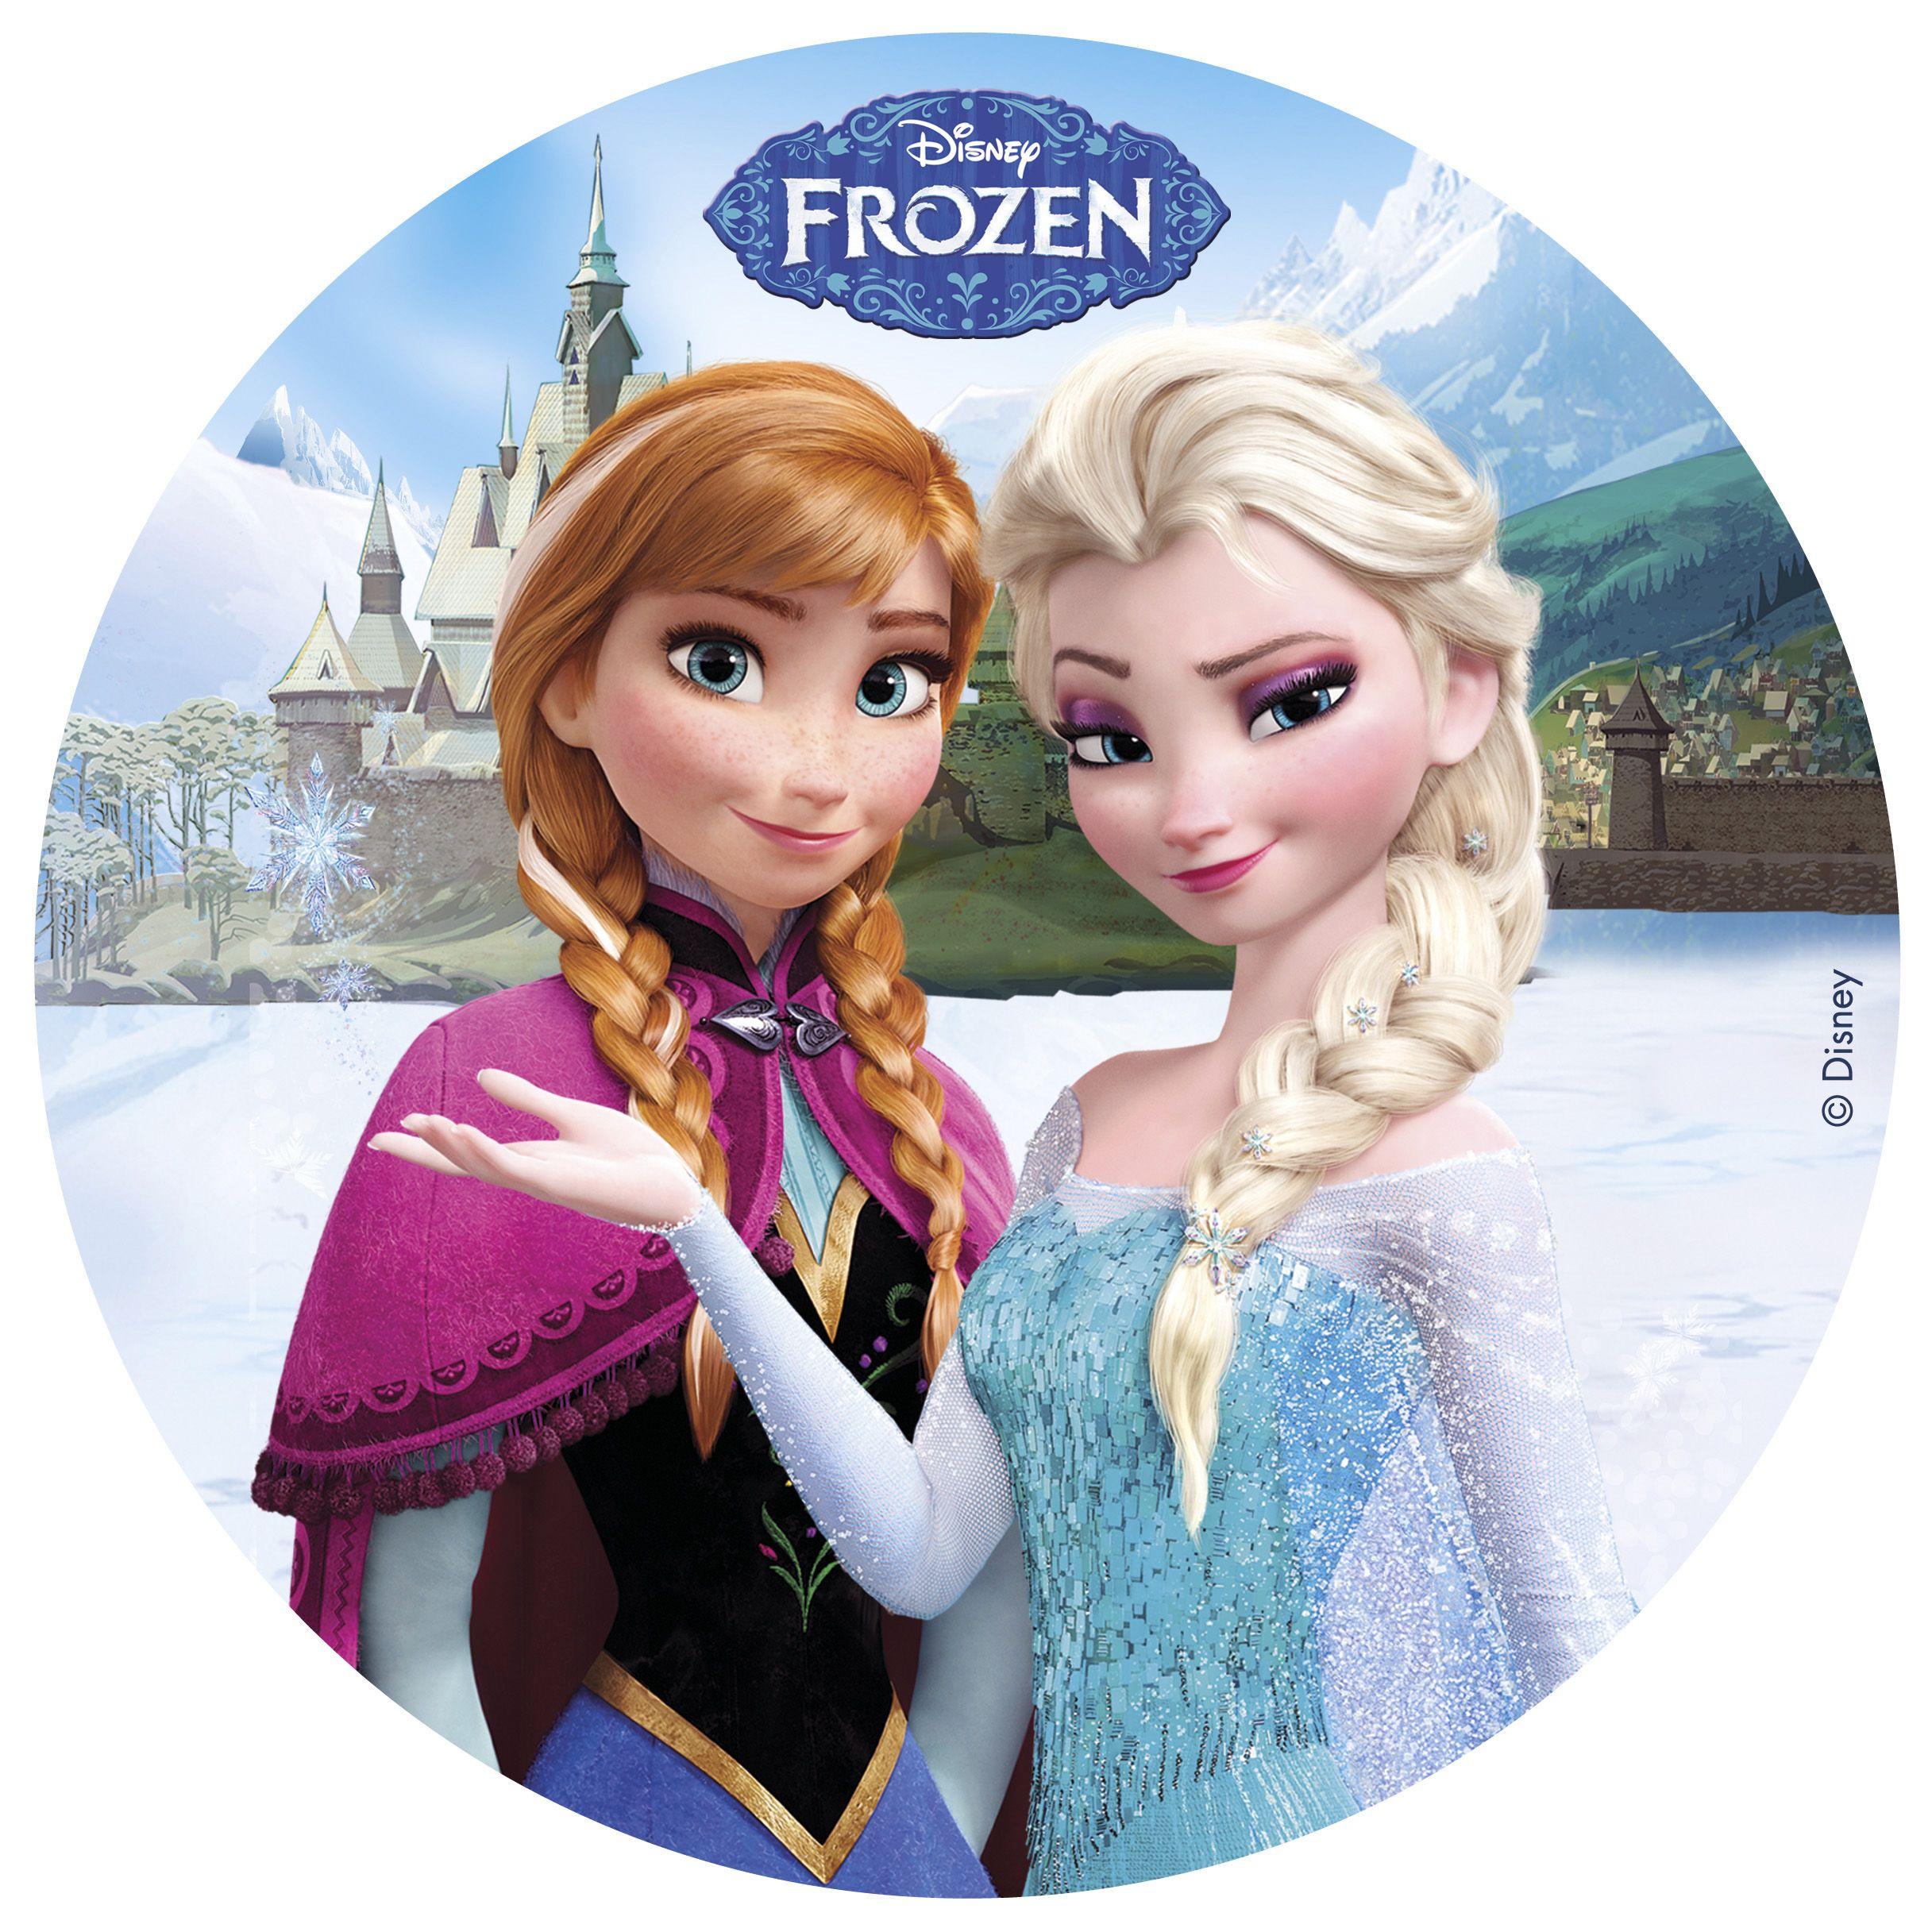 Imagenes De Anna De Frozen Wallpapers 2020 Imagenes De Frozen